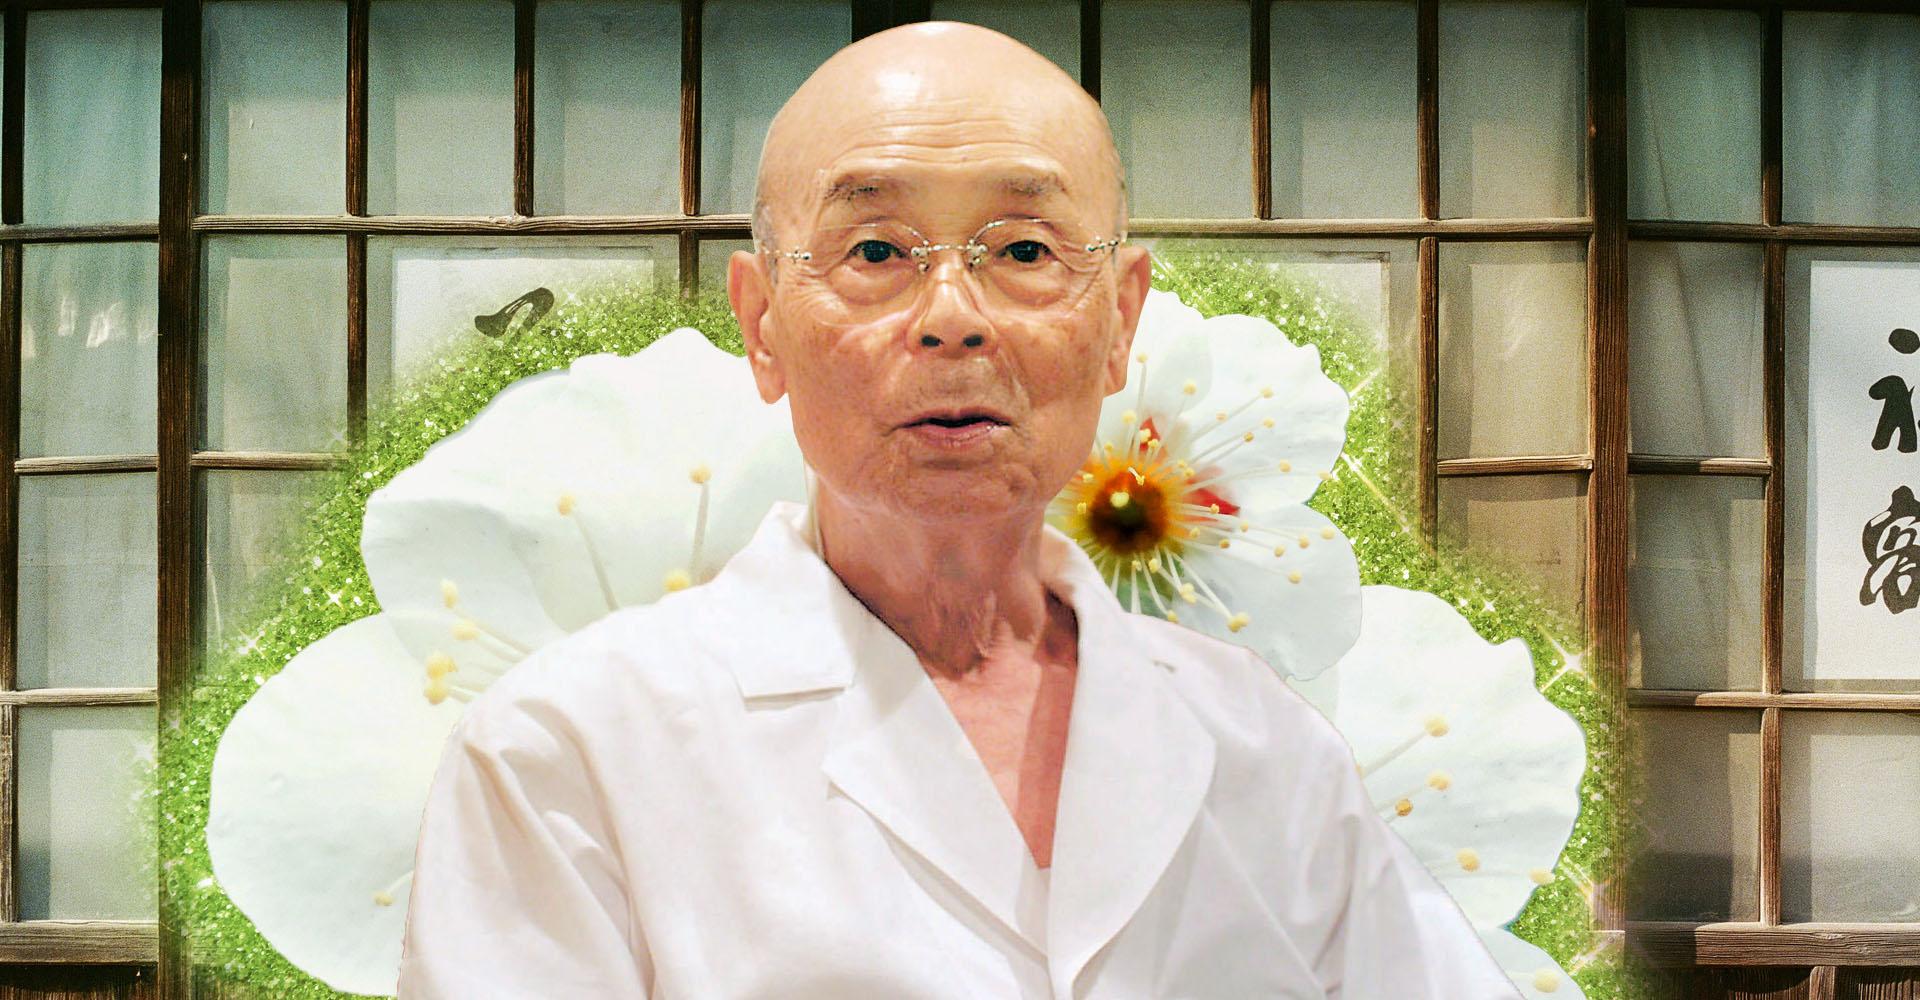 Jiro Ono, la leggenda del sushi da cui mangiare almeno una volta nella vita